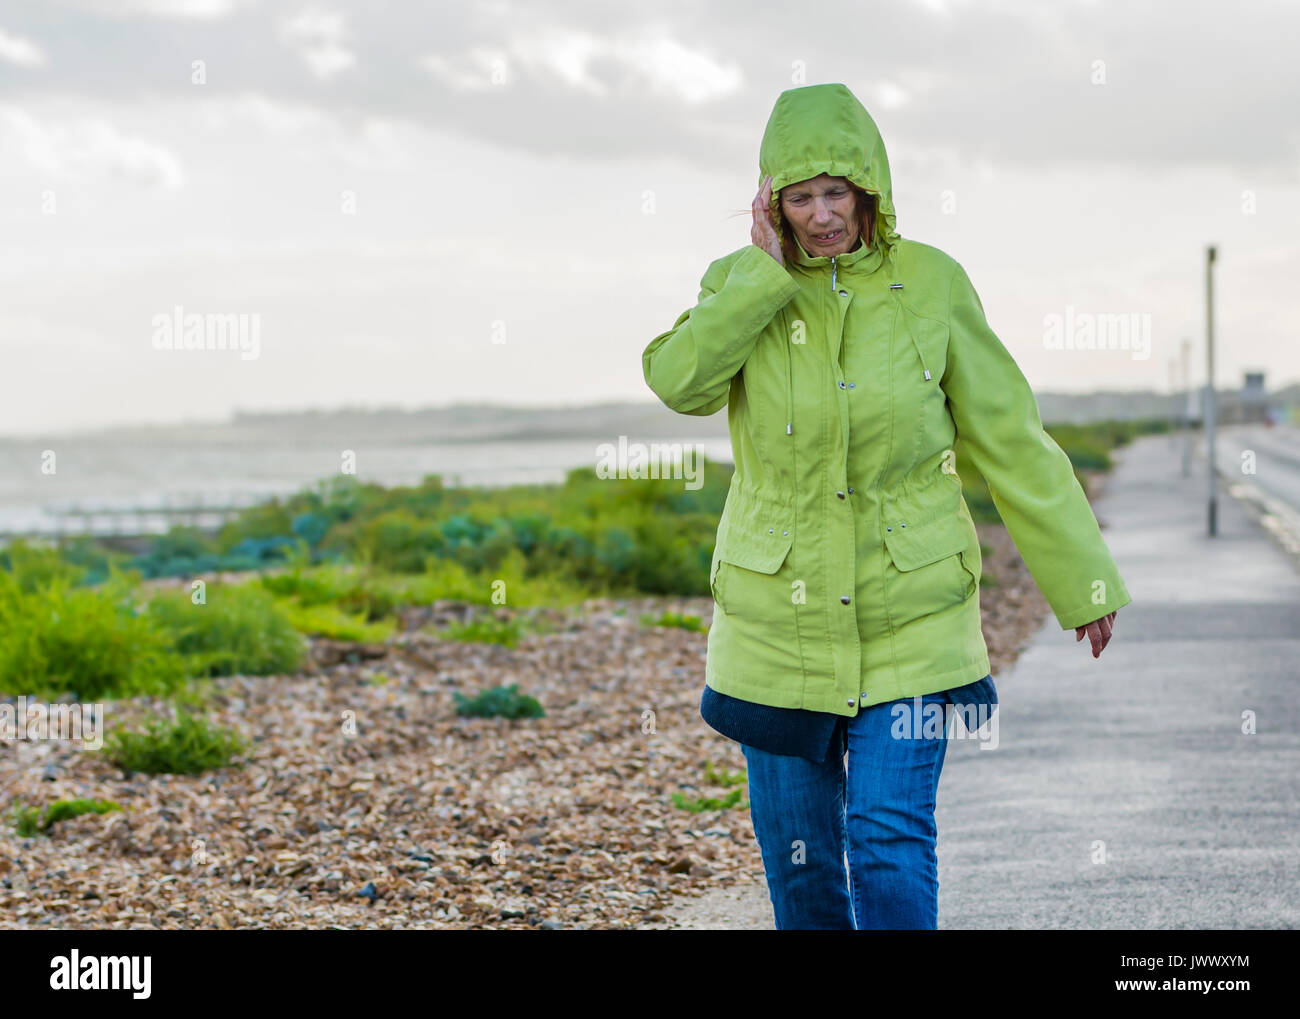 Anciana caminando por un paseo marítimo en días nublados, humedad y viento manteniendo sus orejas tibias. Imagen De Stock